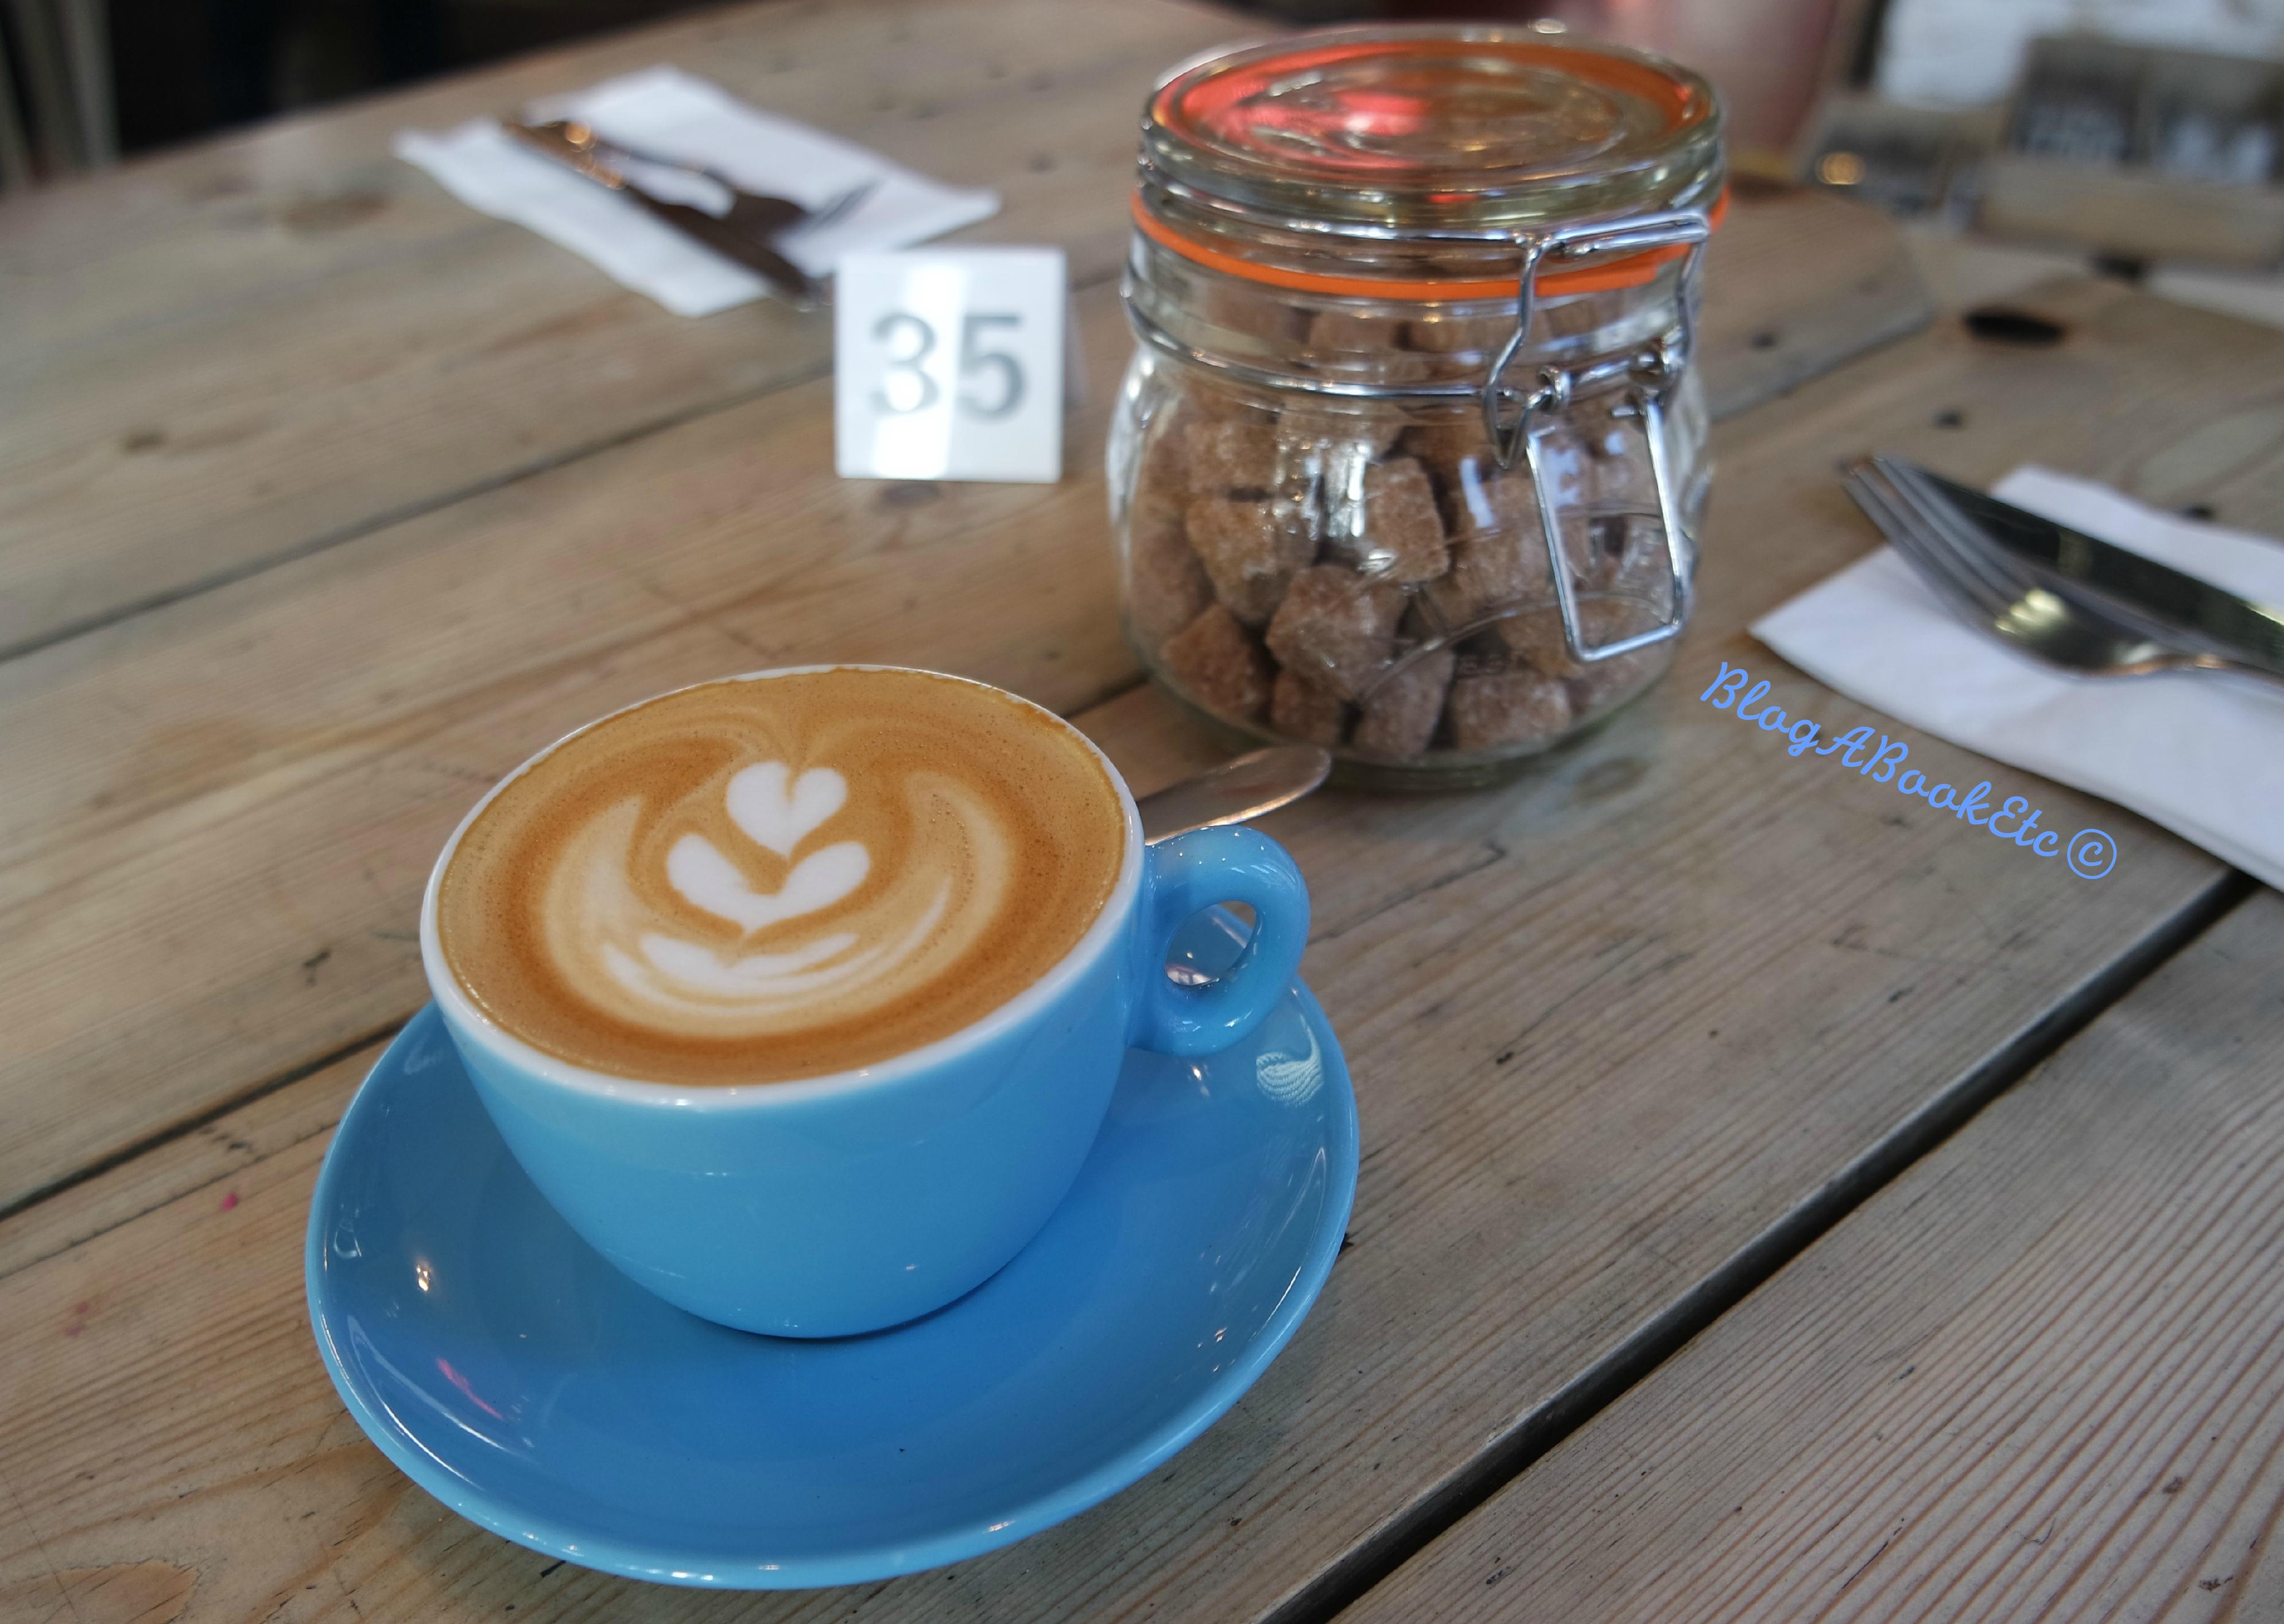 M1LK, Coffee, Sugar, Breakfast, Balham, London, Blog A Book Etc, Fay